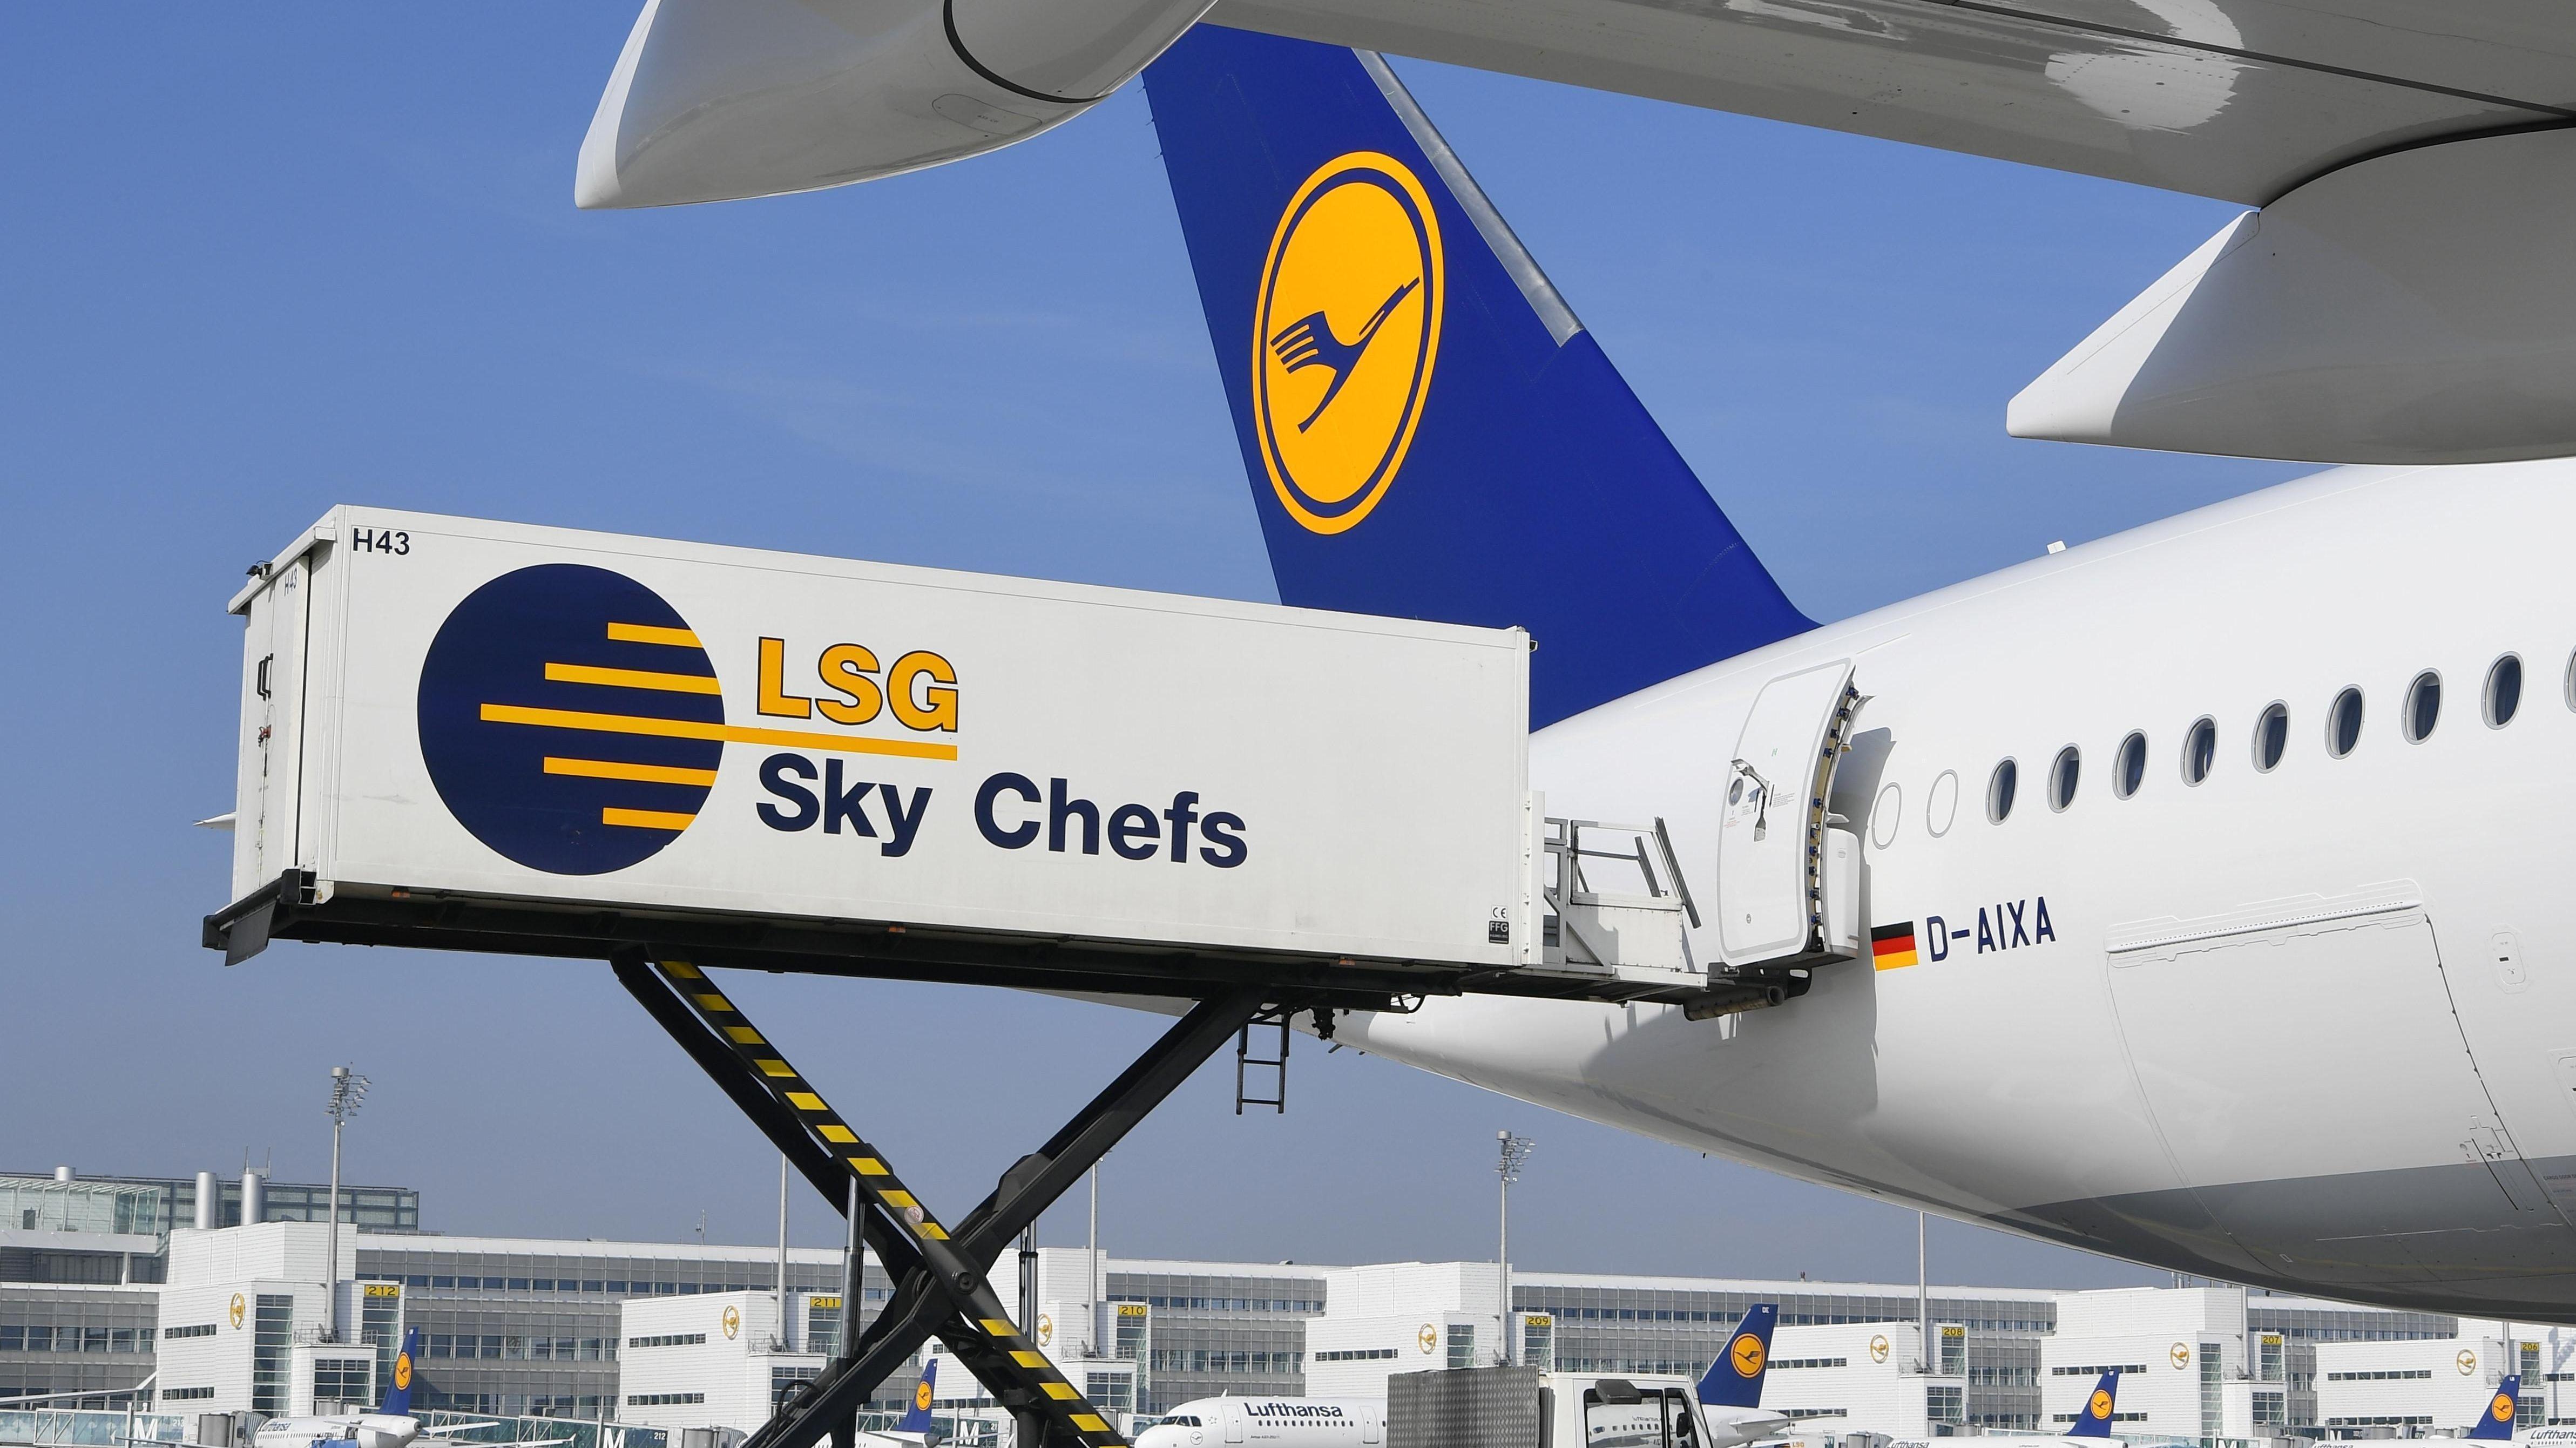 Ein Container von LSG ist an eine Lufthansa-Maschine am Flughafen angedockt.